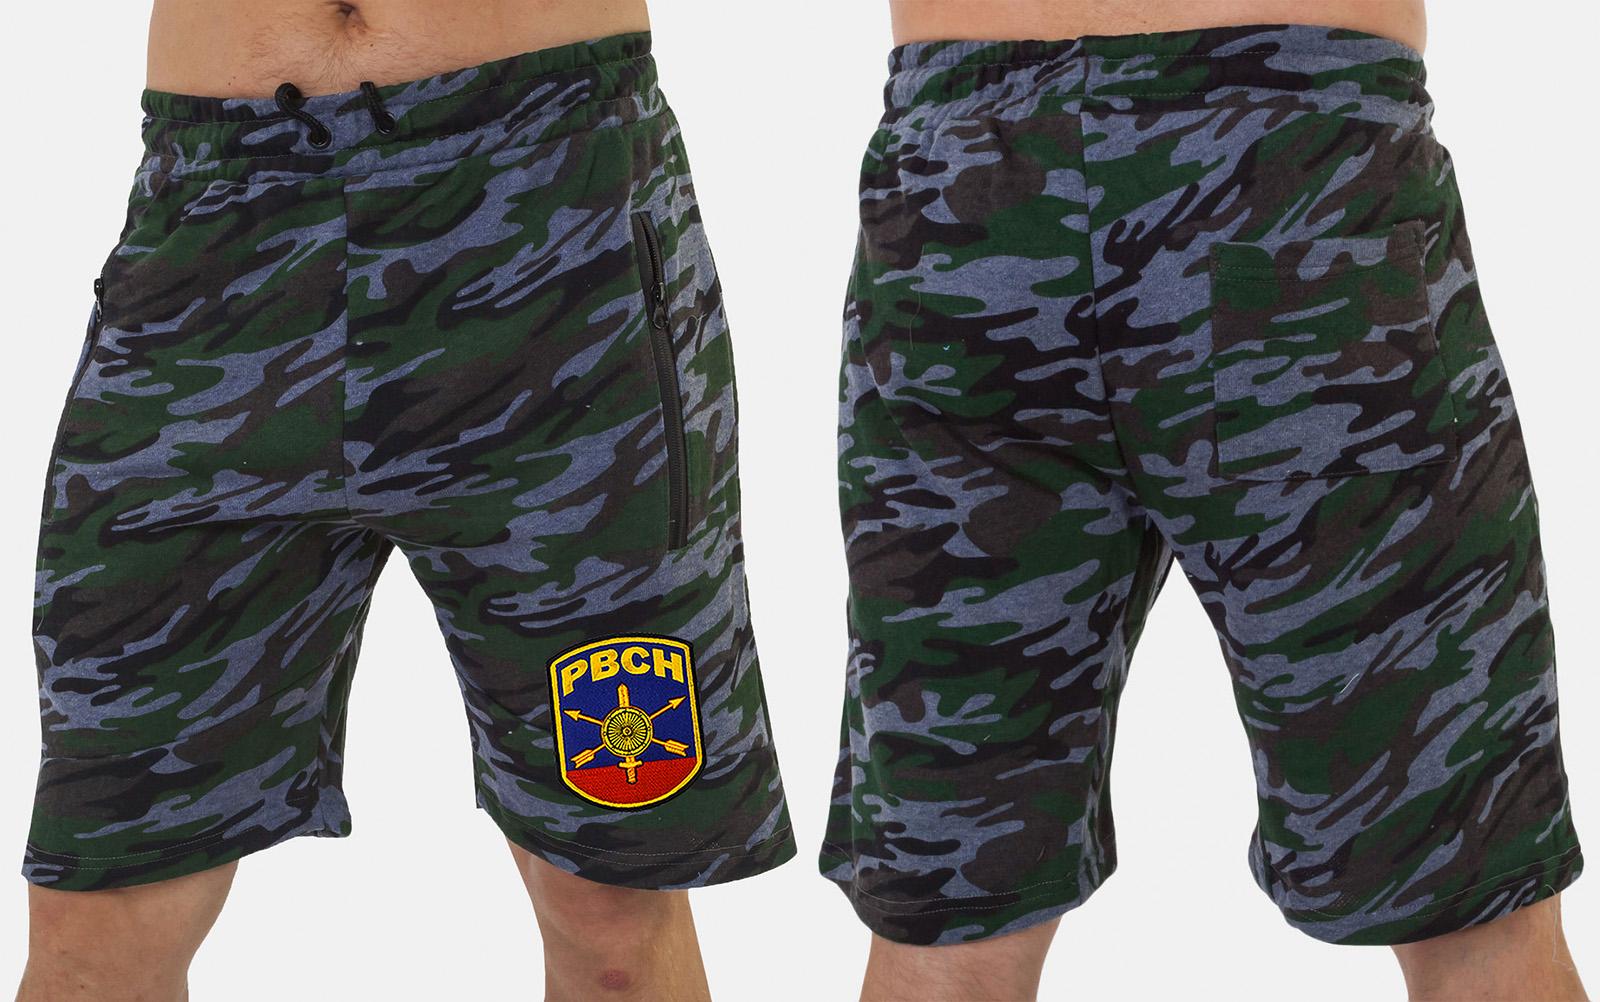 Оригинальные камуфляжные шорты с нашивкой РВСН - заказать с доставкой